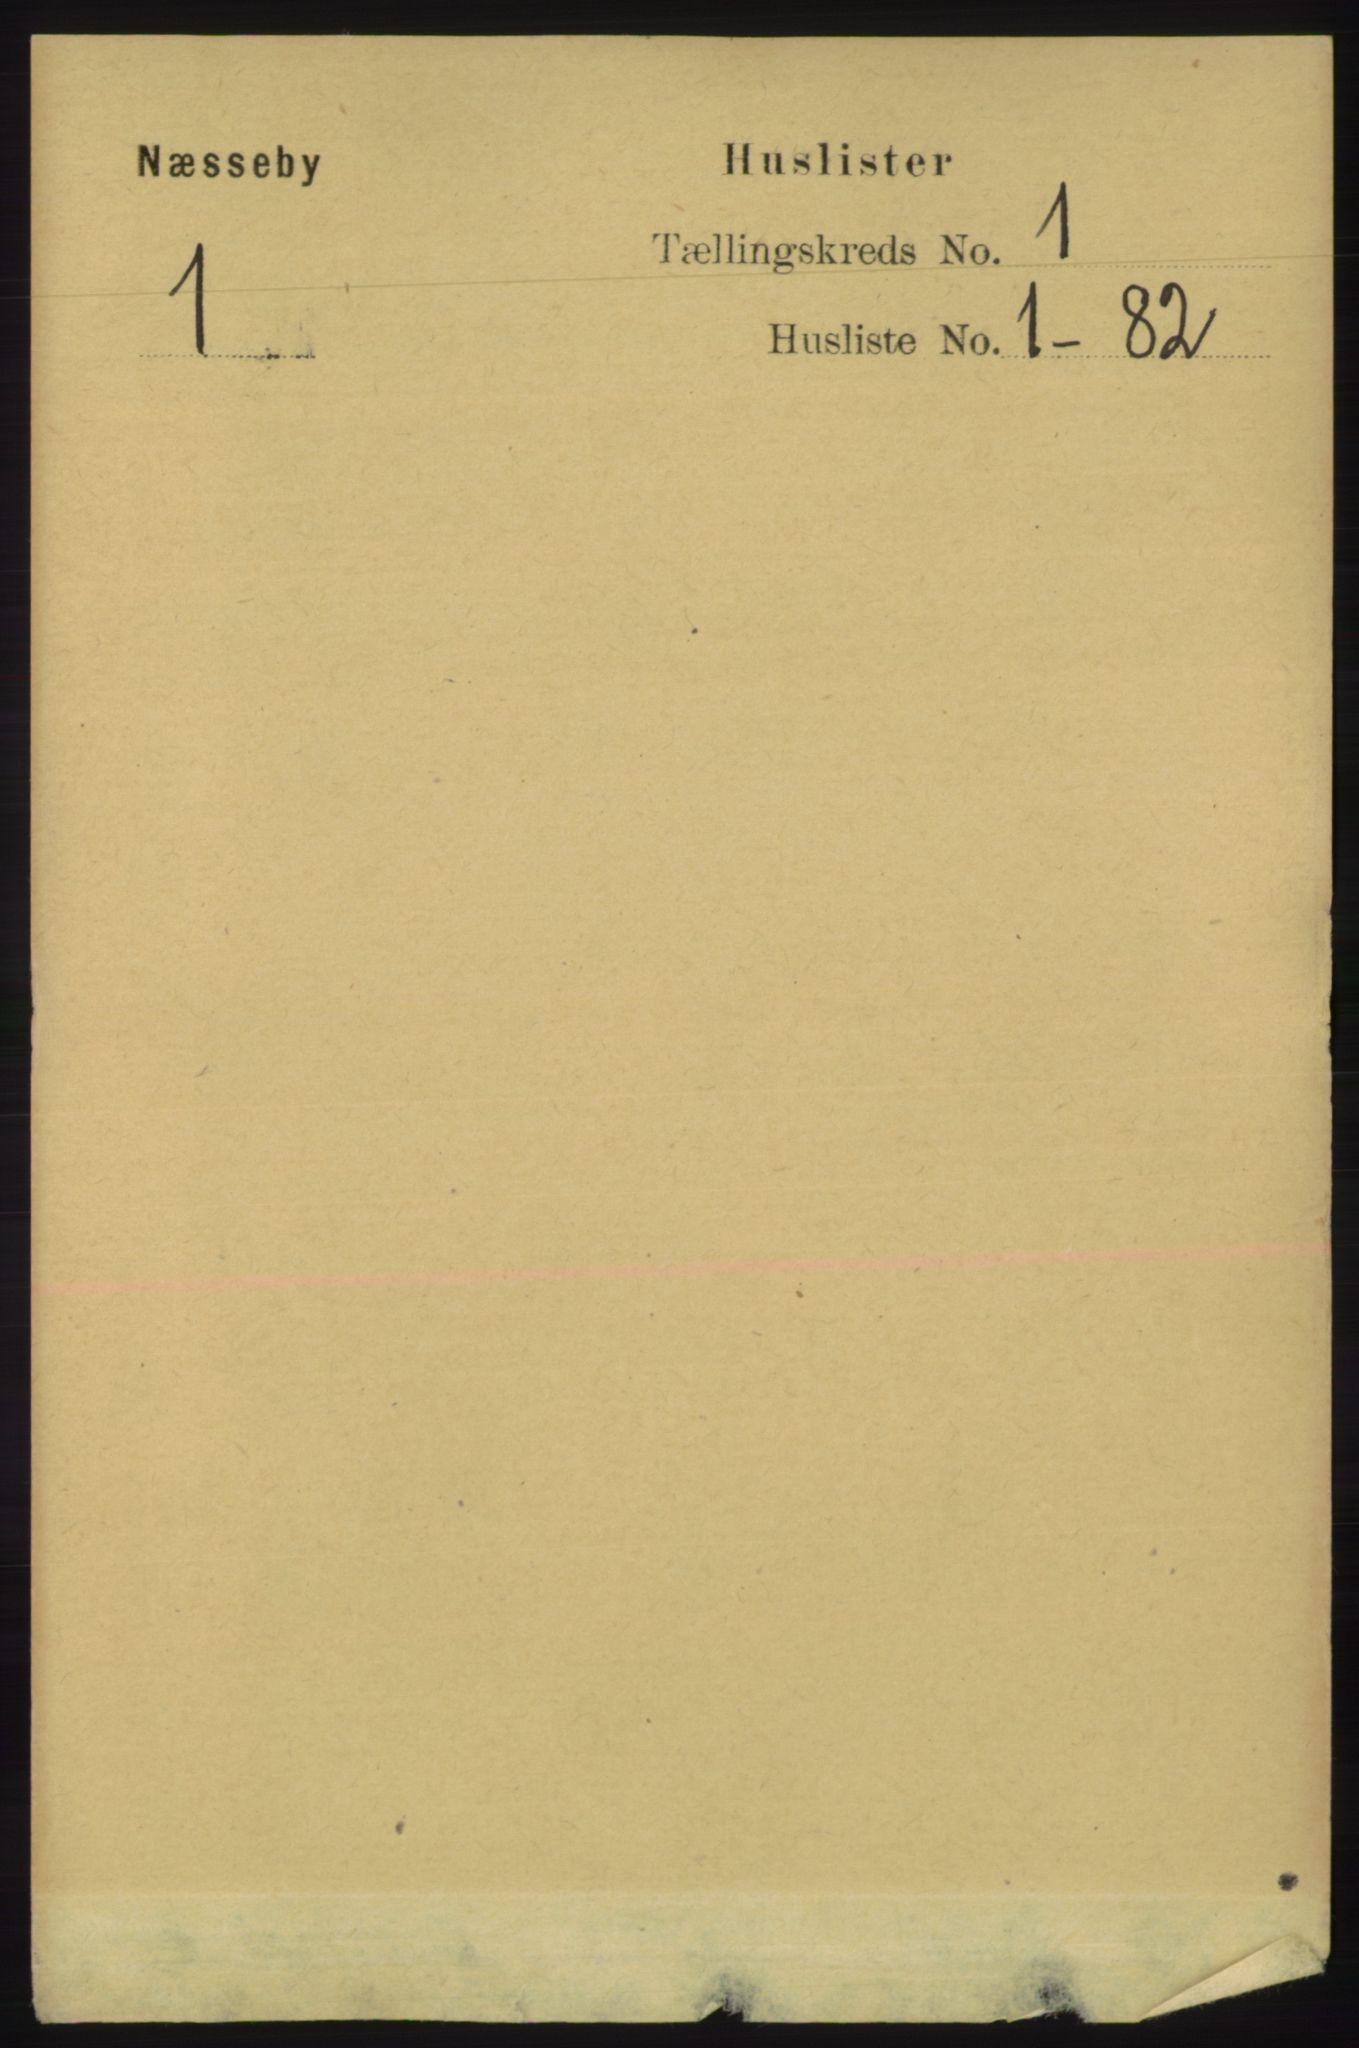 RA, Folketelling 1891 for 2027 Nesseby herred, 1891, s. 15